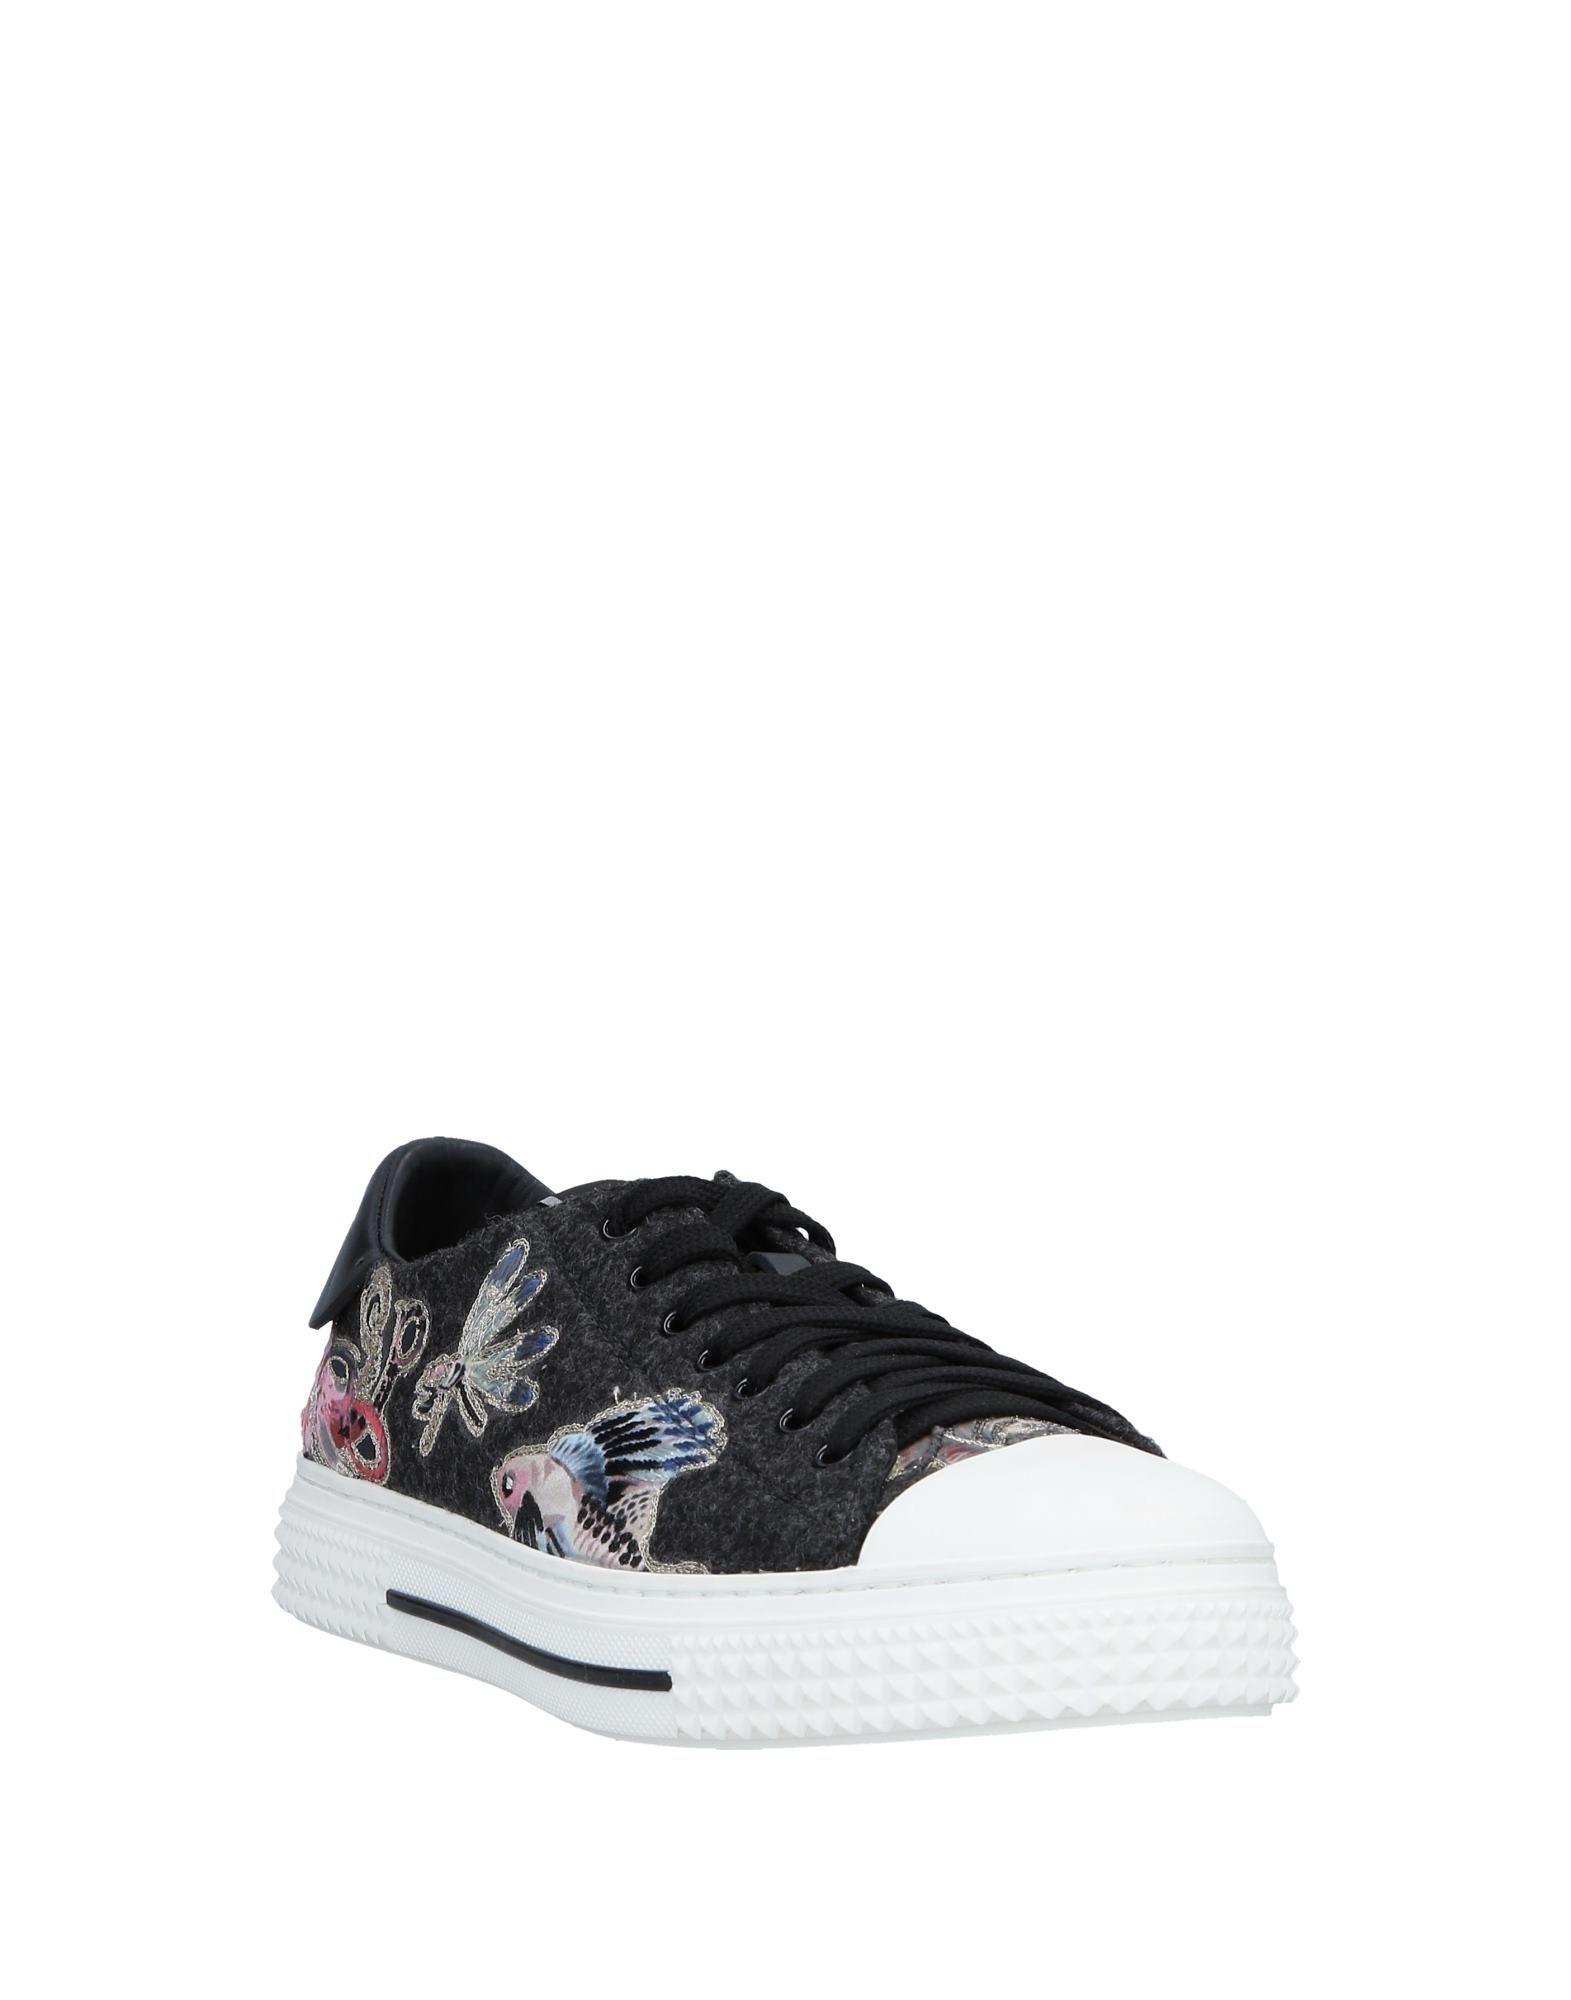 Valentino Garavani Sneakers Damen  Schuhe 11540535QIGünstige gut aussehende Schuhe  f4ead9